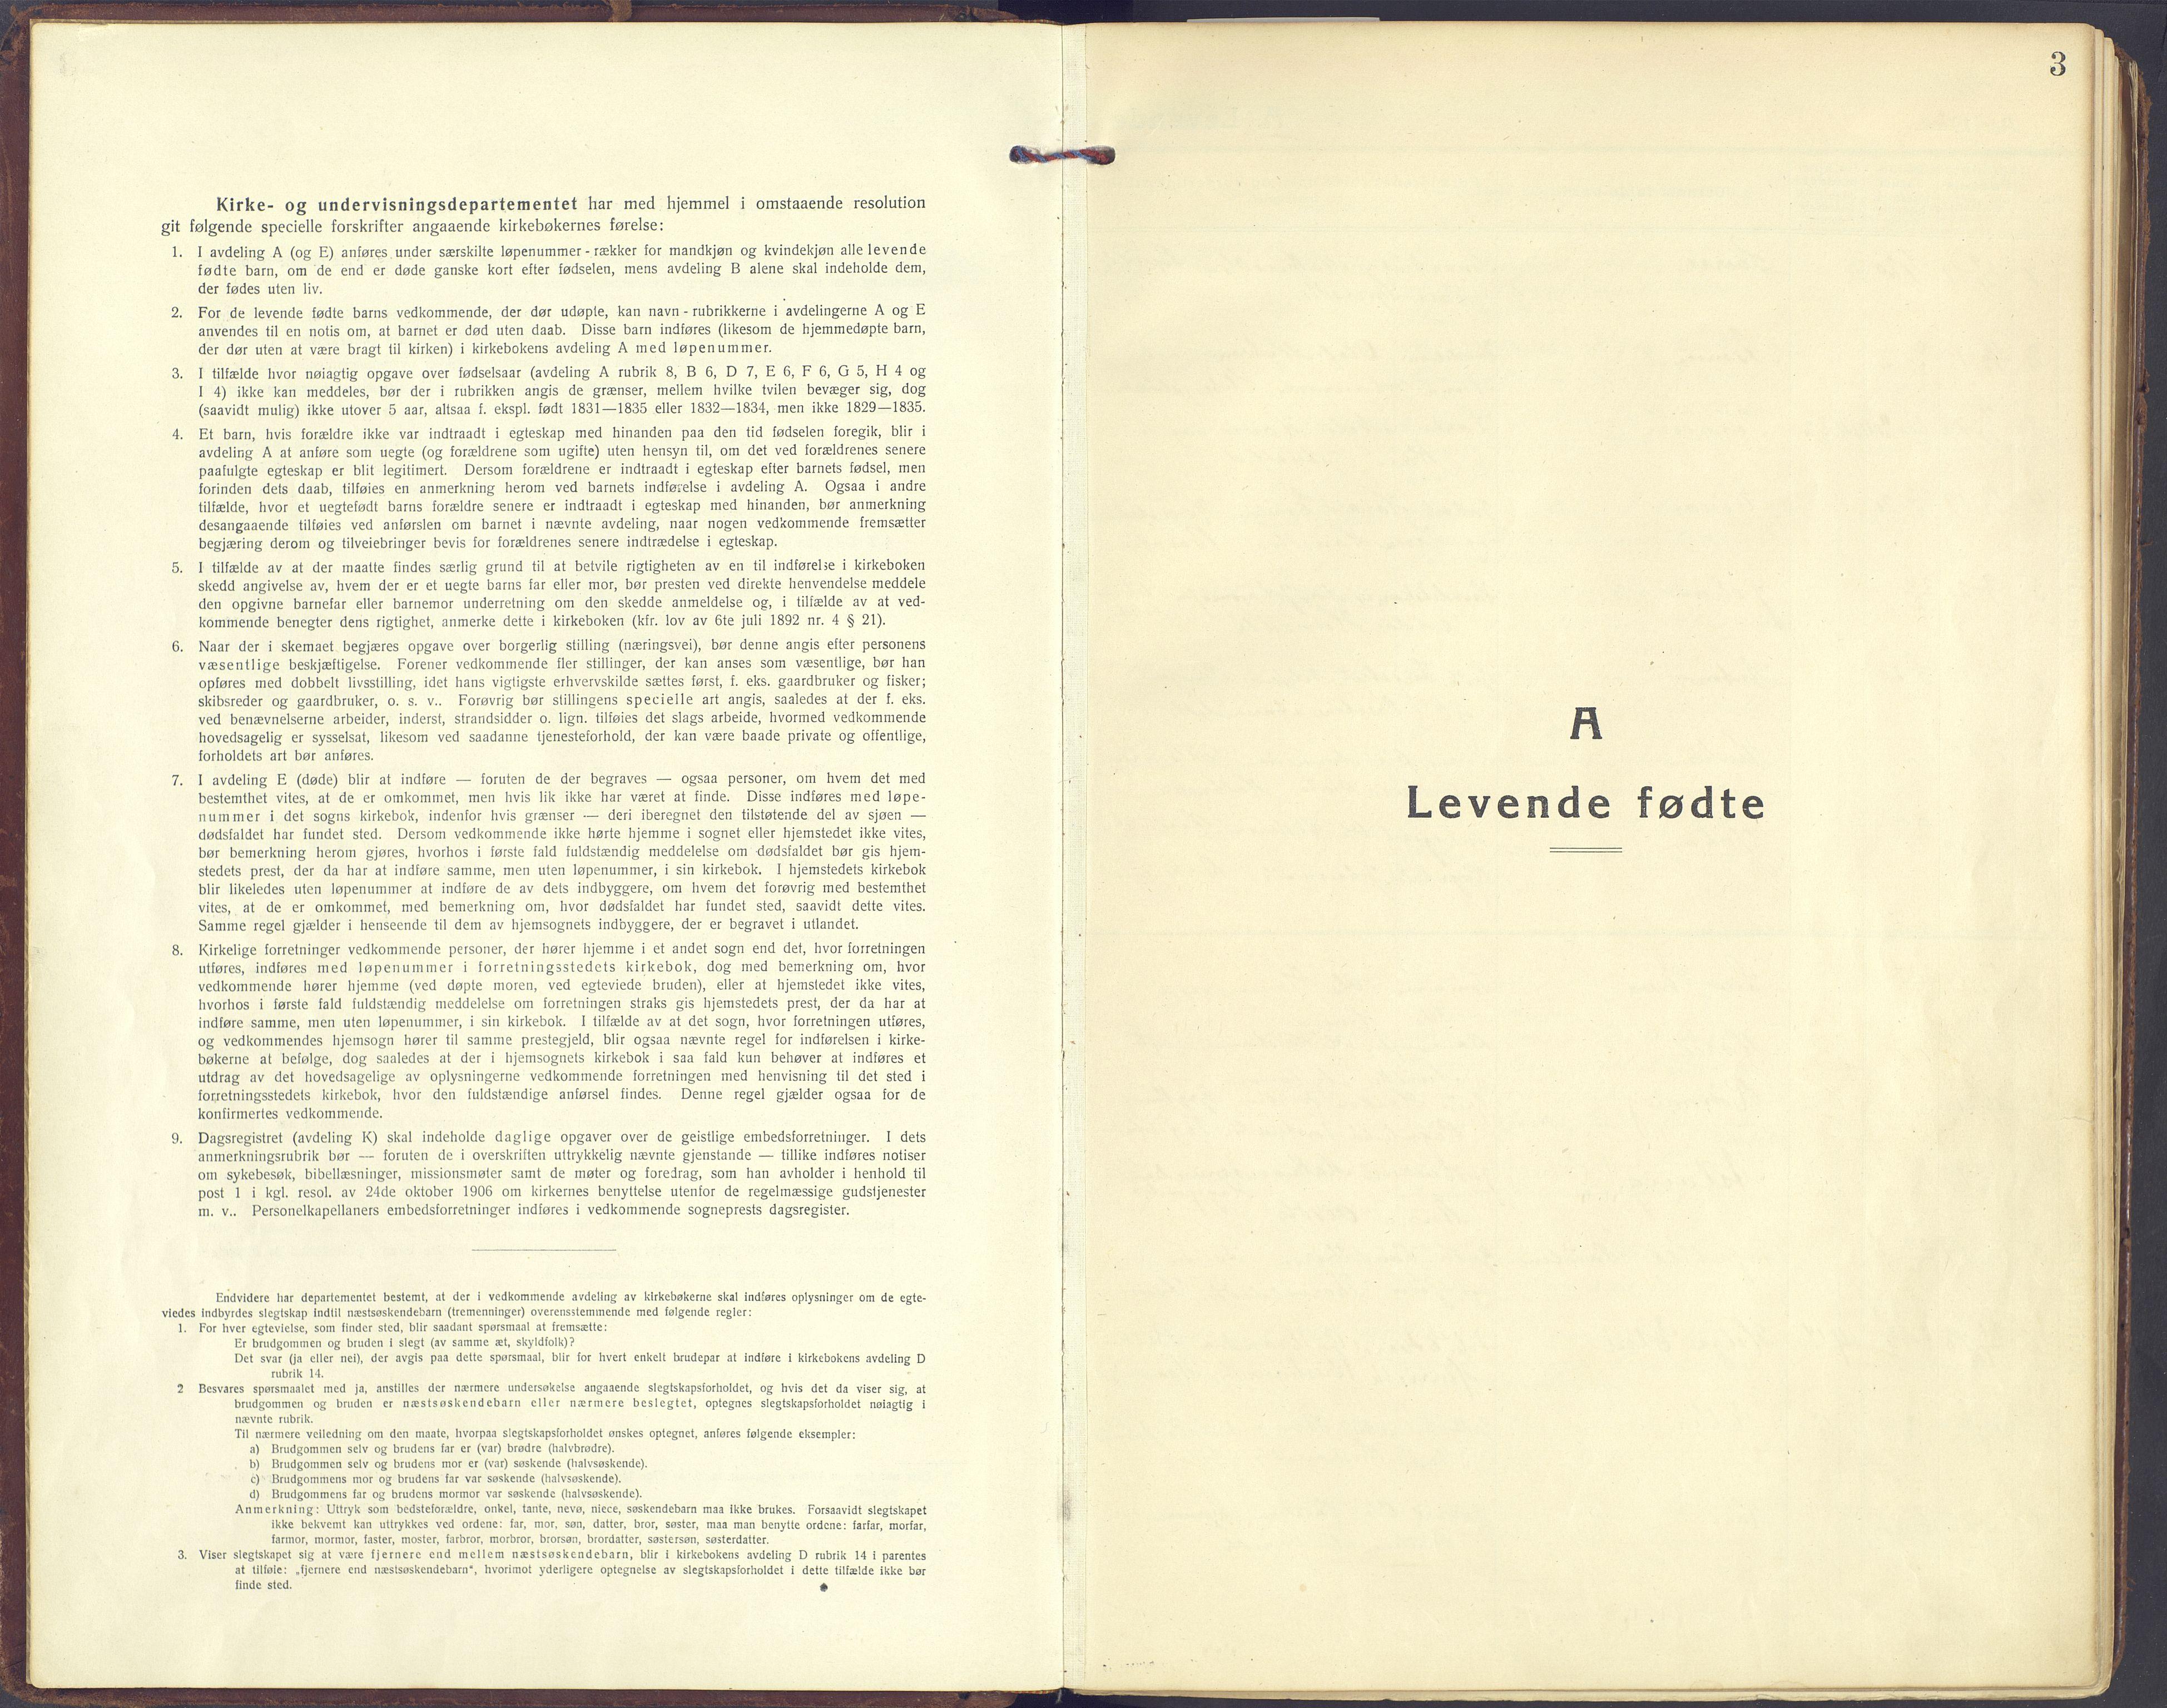 SAH, Sør-Fron prestekontor, H/Ha/Haa/L0005: Ministerialbok nr. 5, 1920-1933, s. 3